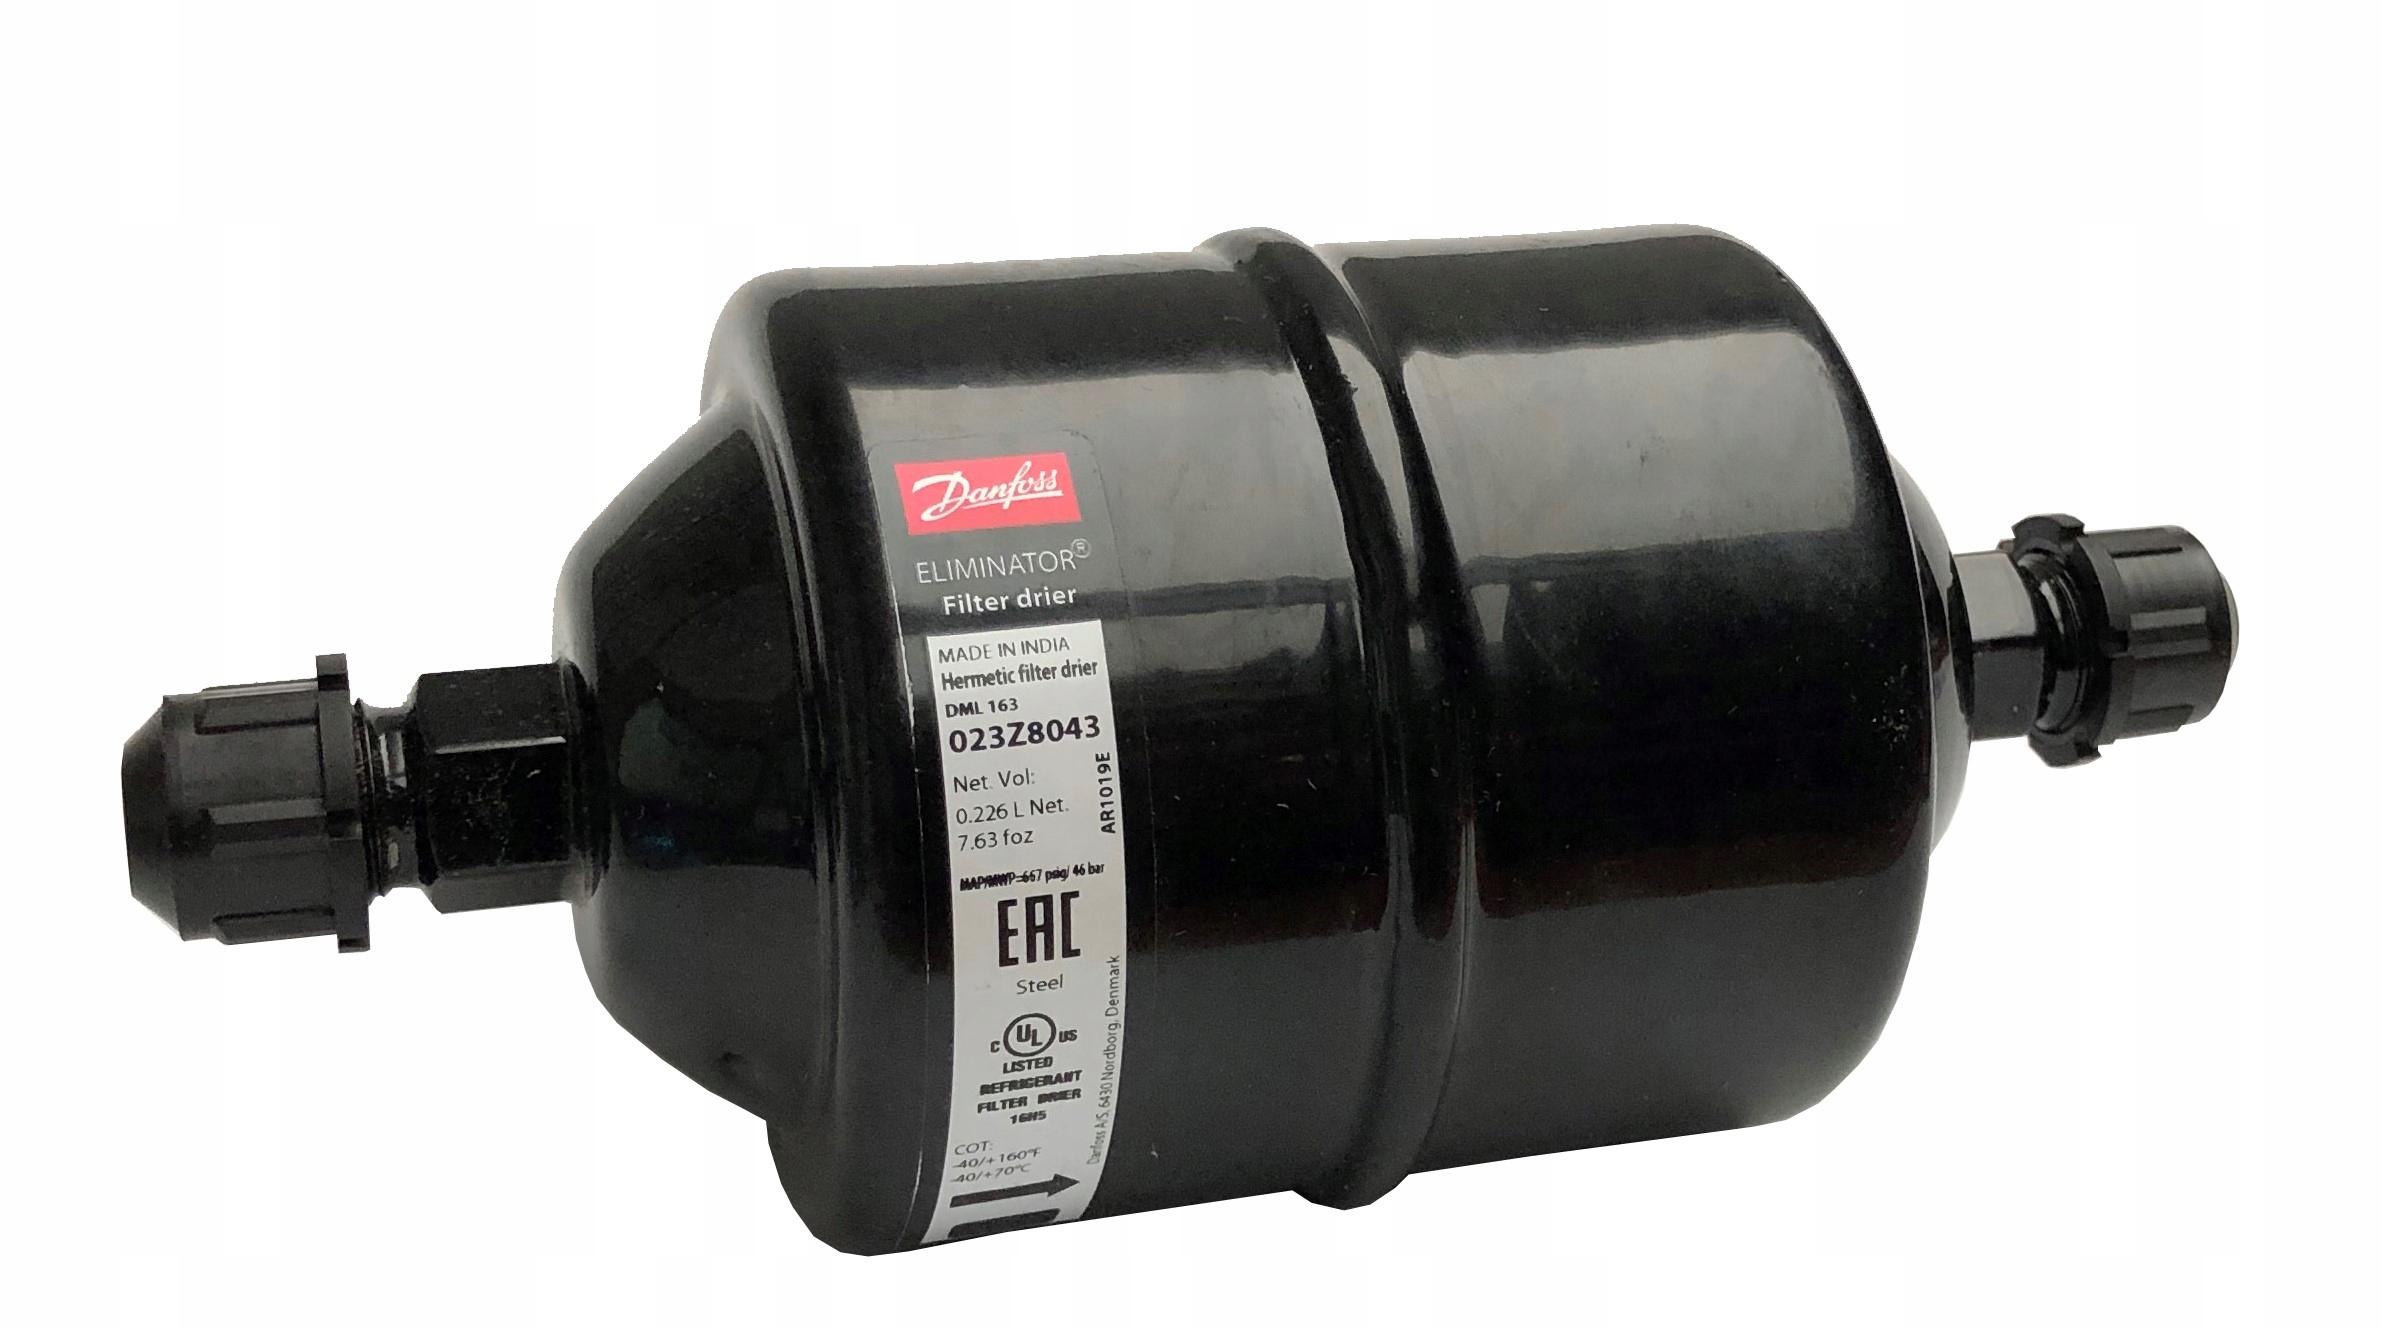 фильтр осушитель danfoss dml163 38'' 38'' 023z8043